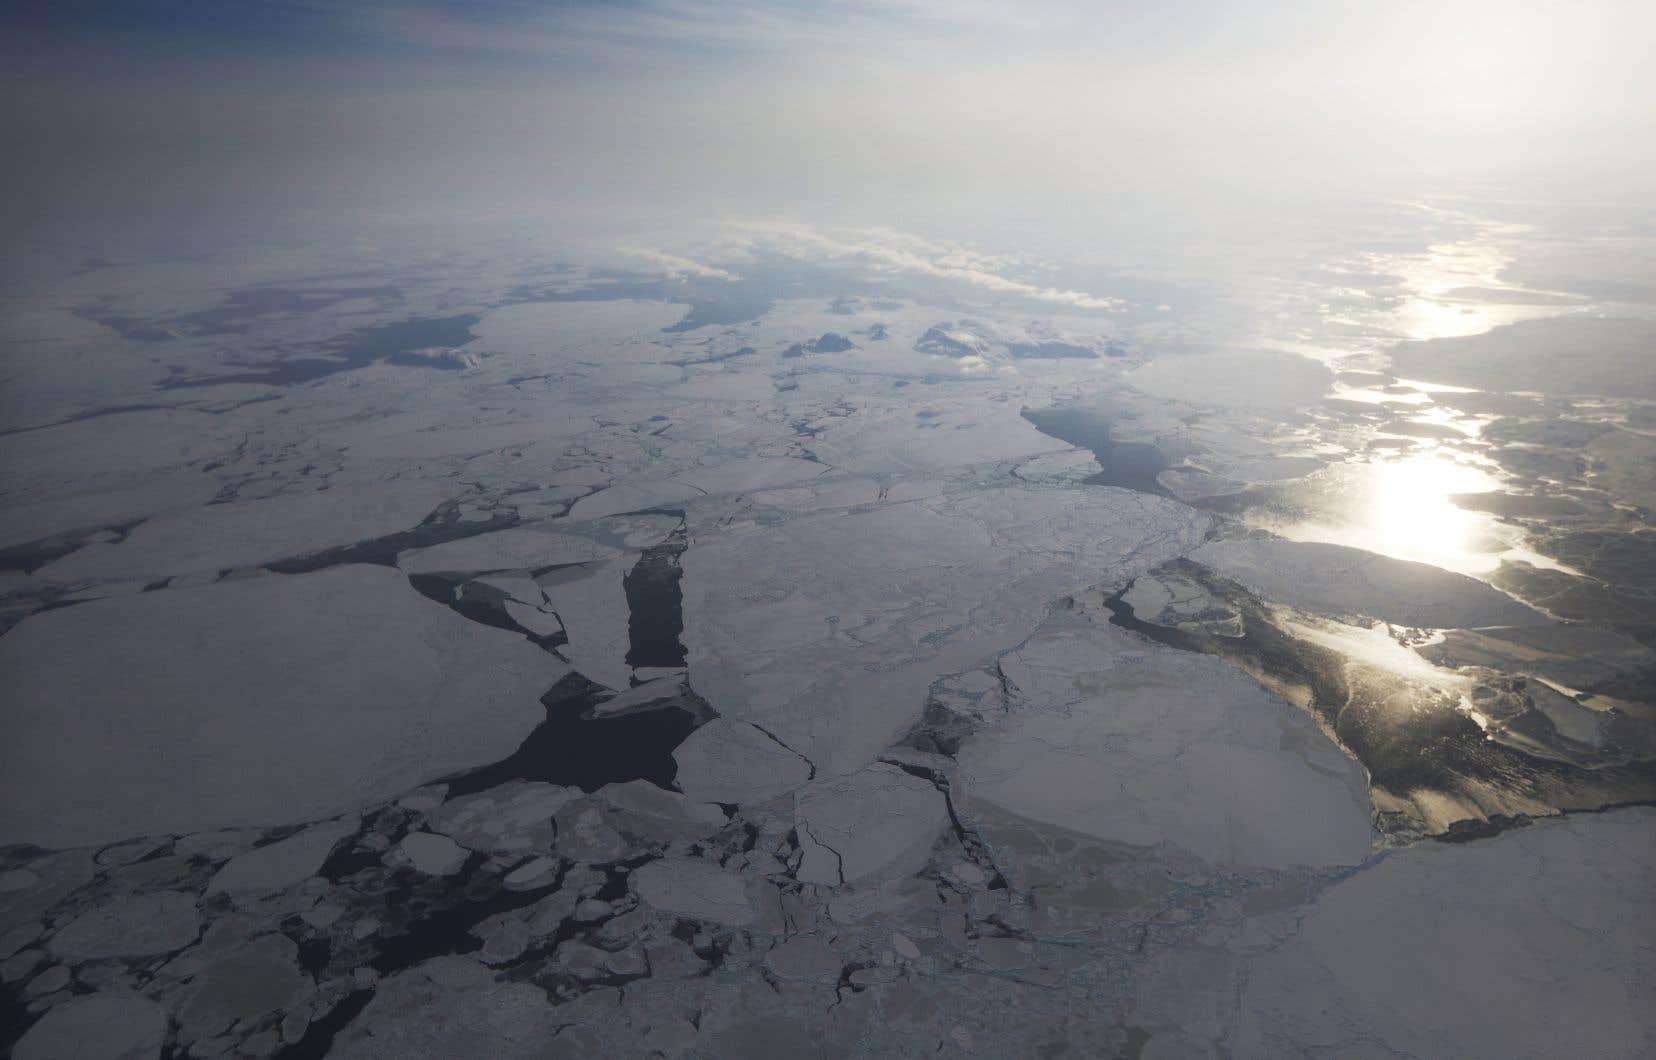 Les États-Unis désignent le passage du Nord-Ouest comme une «voie navigable internationale», alors que le Canada le revendique comme territoire souverain.